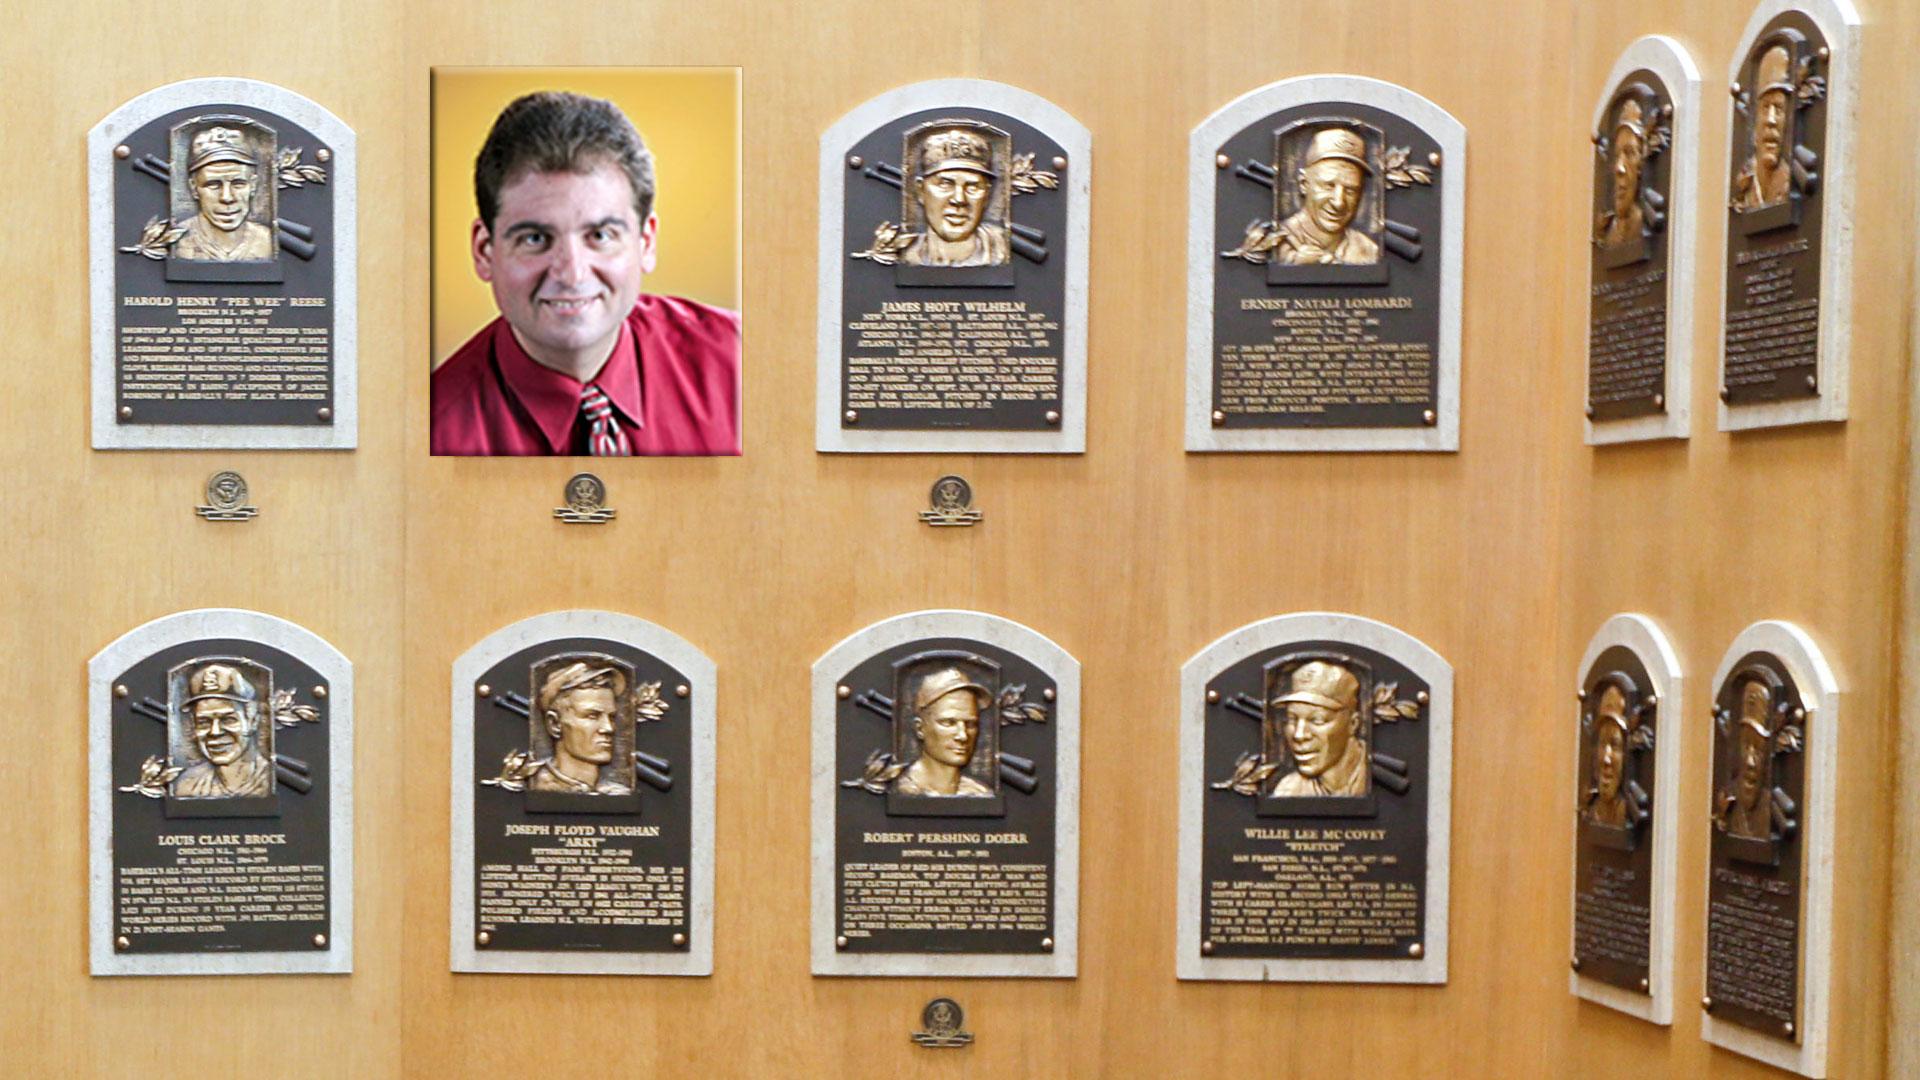 MLB-Hall-of-Fame-010914-AP-FTR.jpg